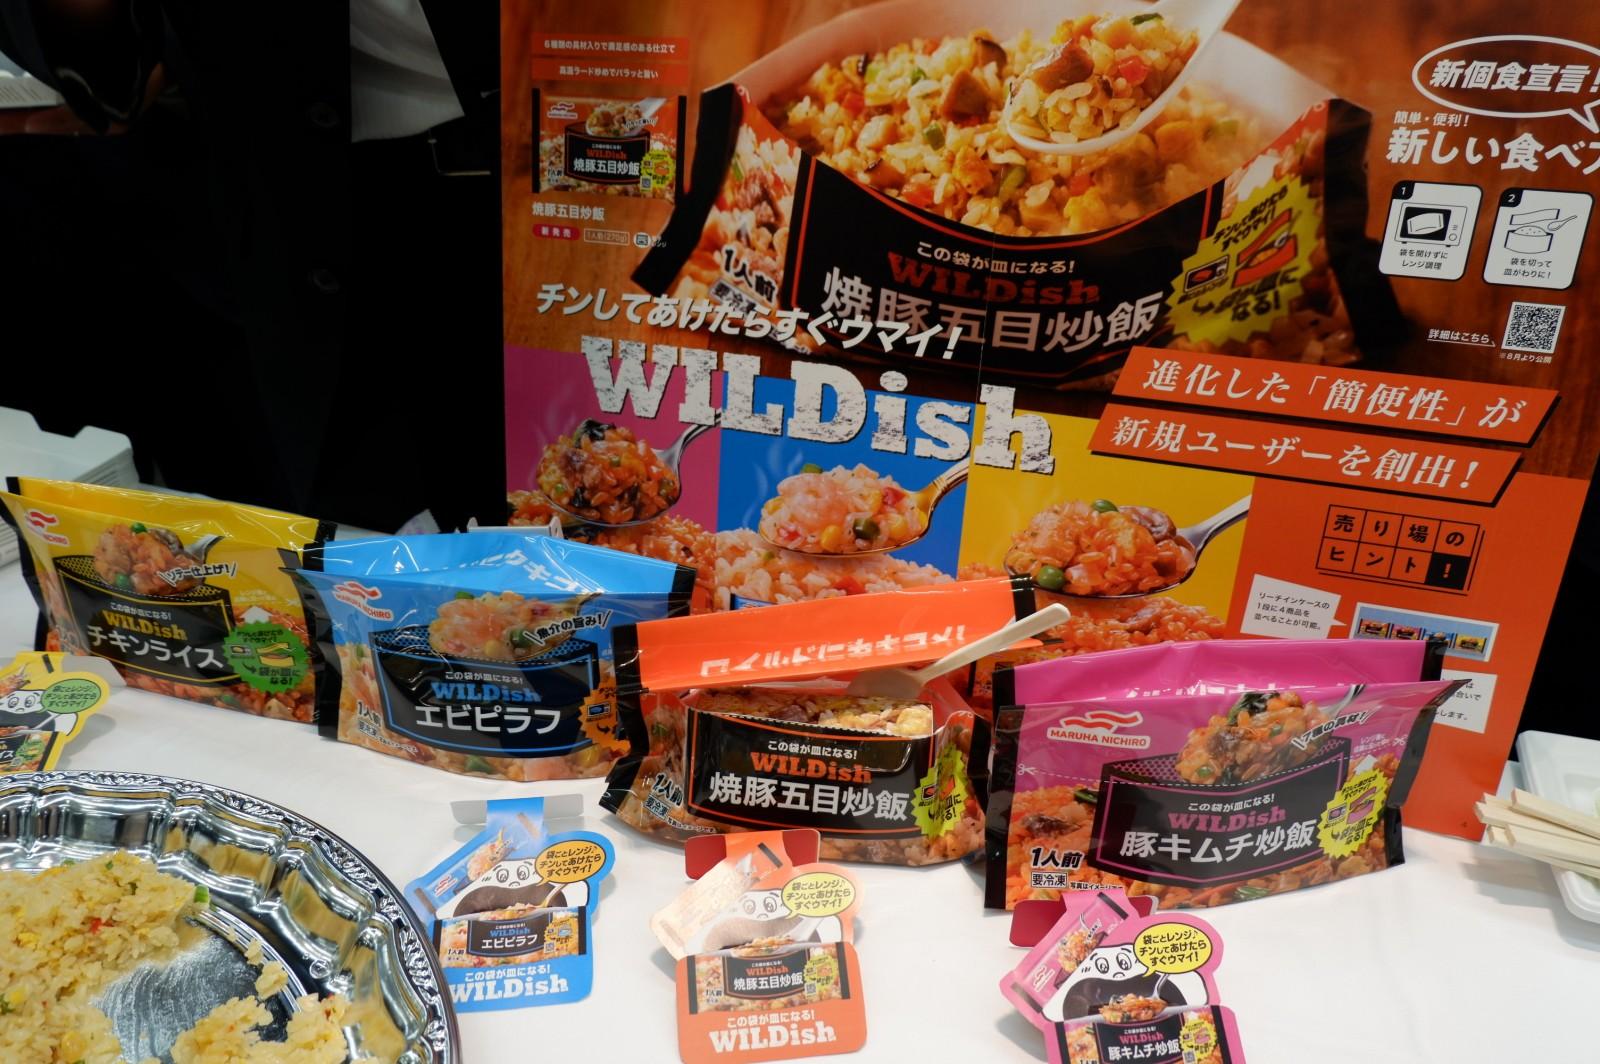 ワイルドに食べるごはん「WILDish(ワイルディッシュ)」 チンして袋のまま即食! ゴミ少なめのエコ商品かも